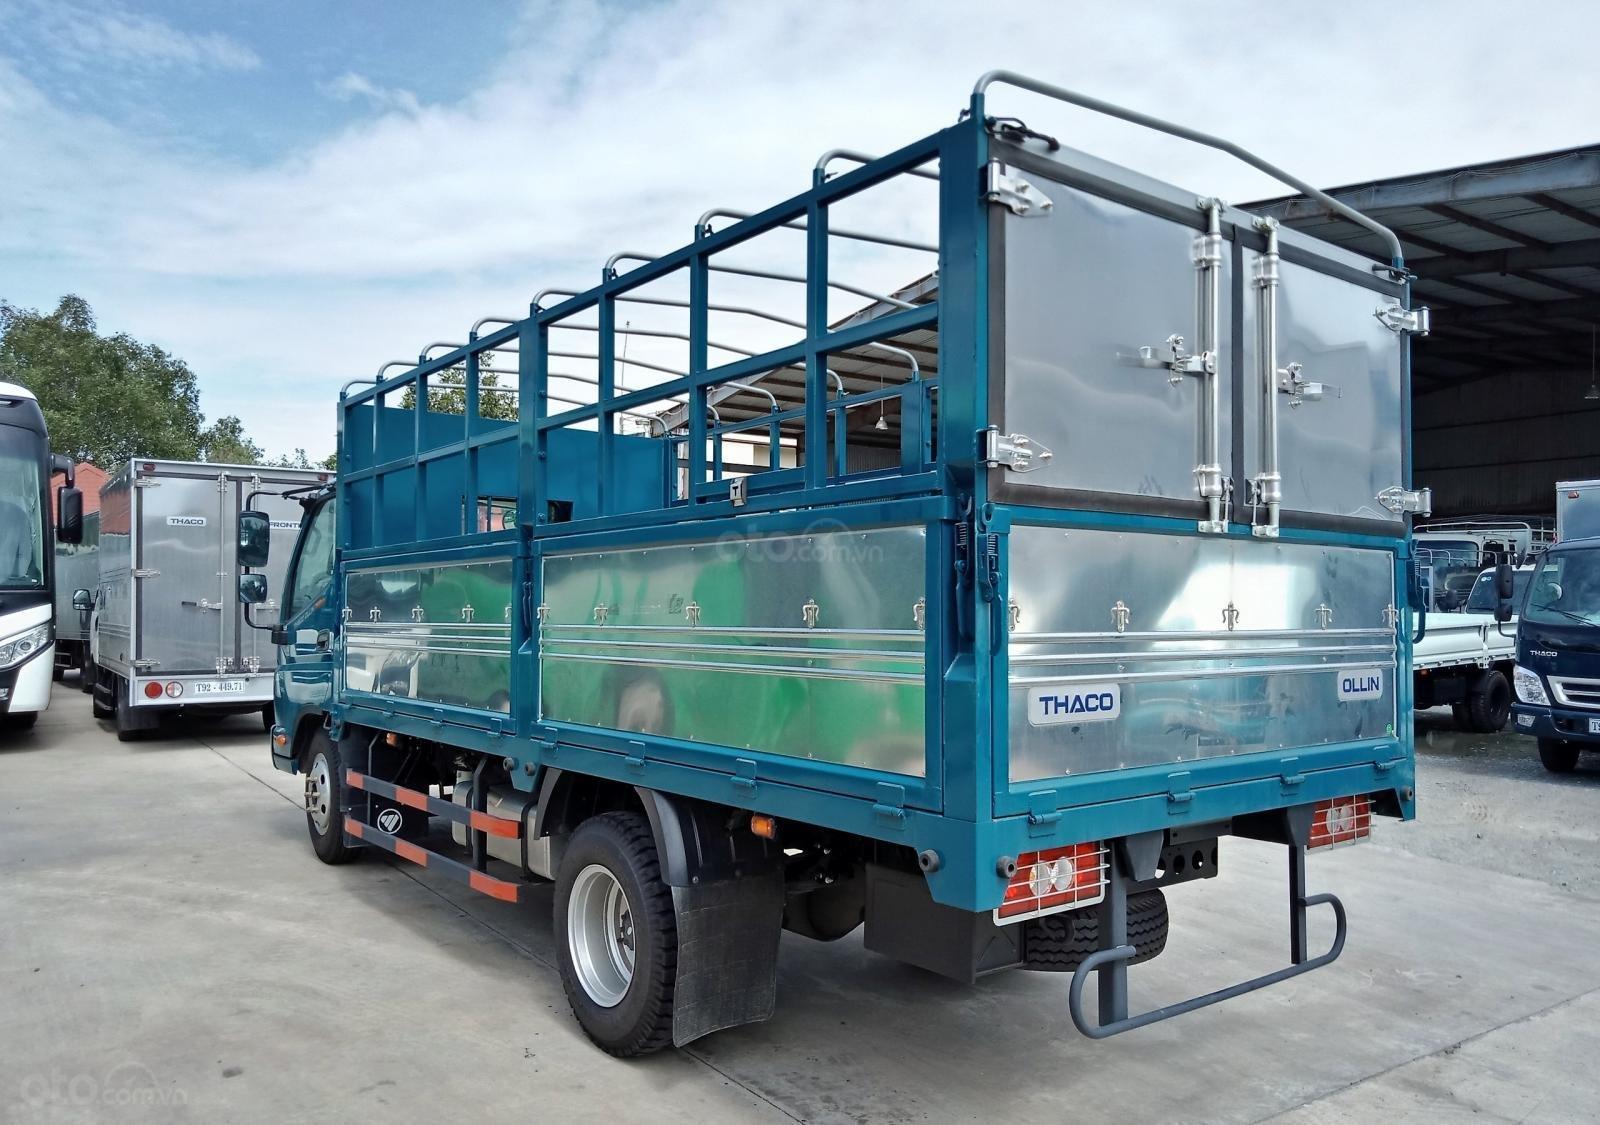 Xe tải Trường Hải - Thaco Ollin 350 new - thùng dài 4m4 - tải trọng 2 tấn 4 - hỗ trợ trả góp (5)